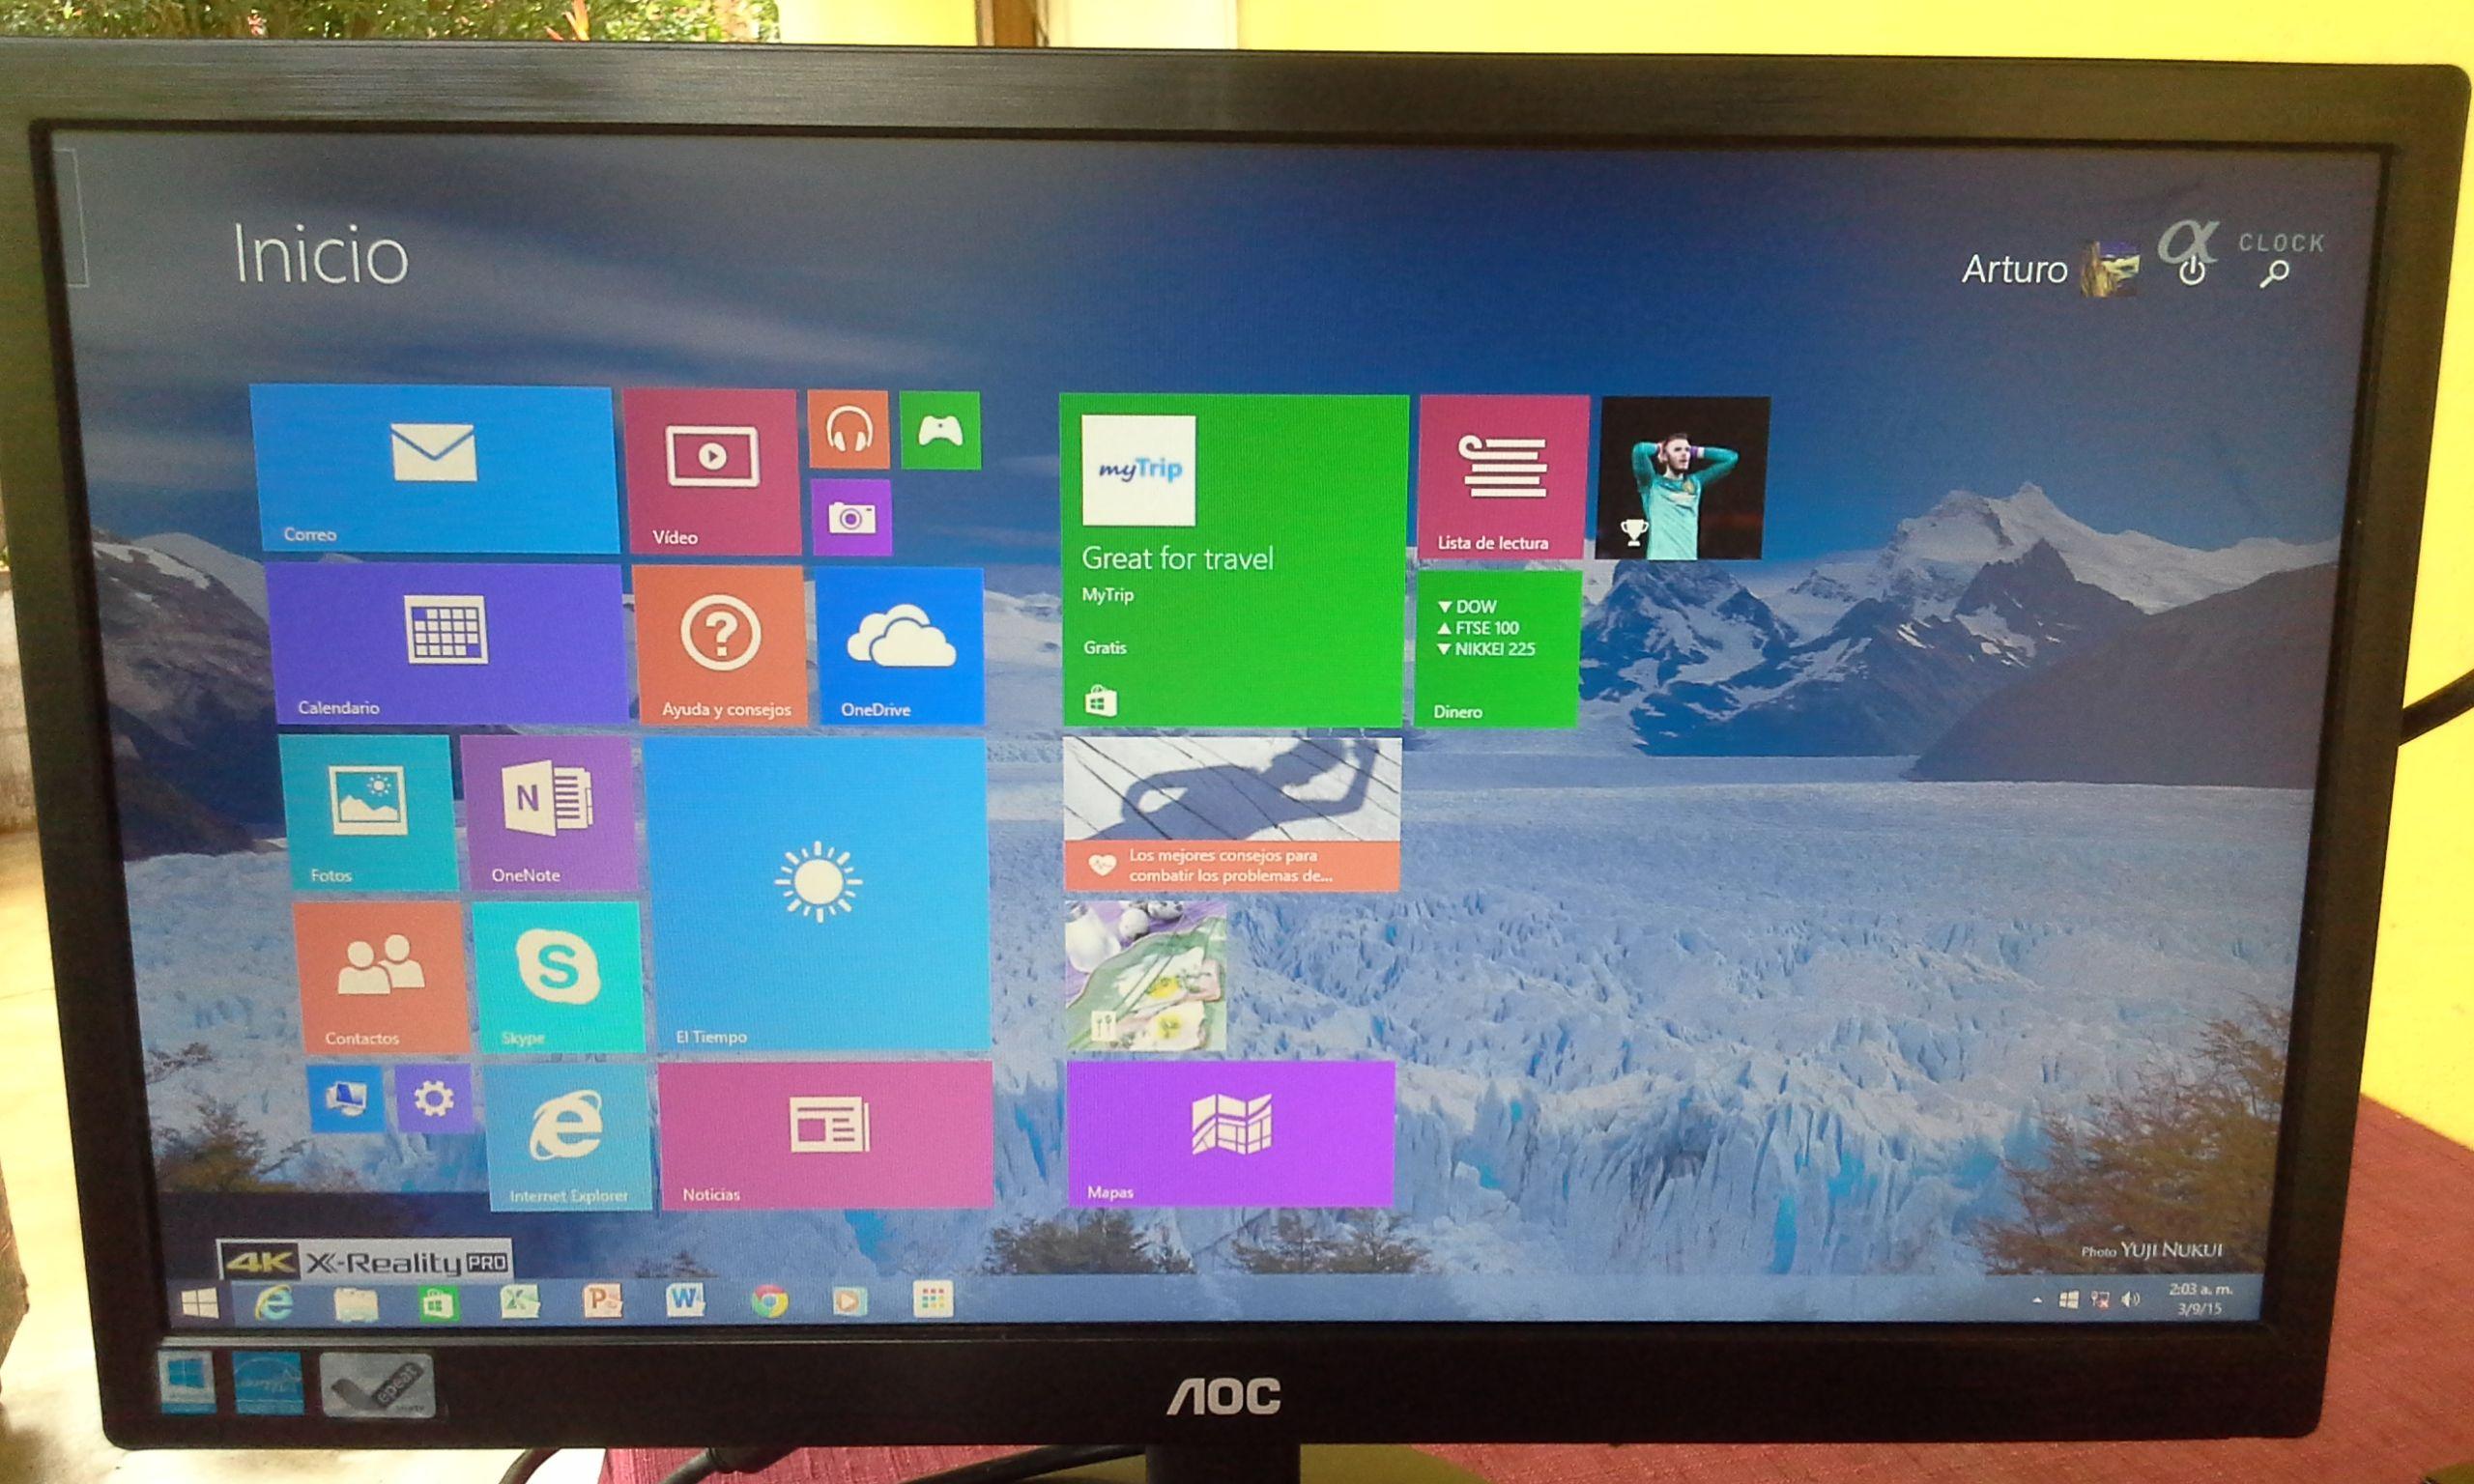 Bueno después de realizar todos los pasos veremos la pantalla de inicio de el windows 8